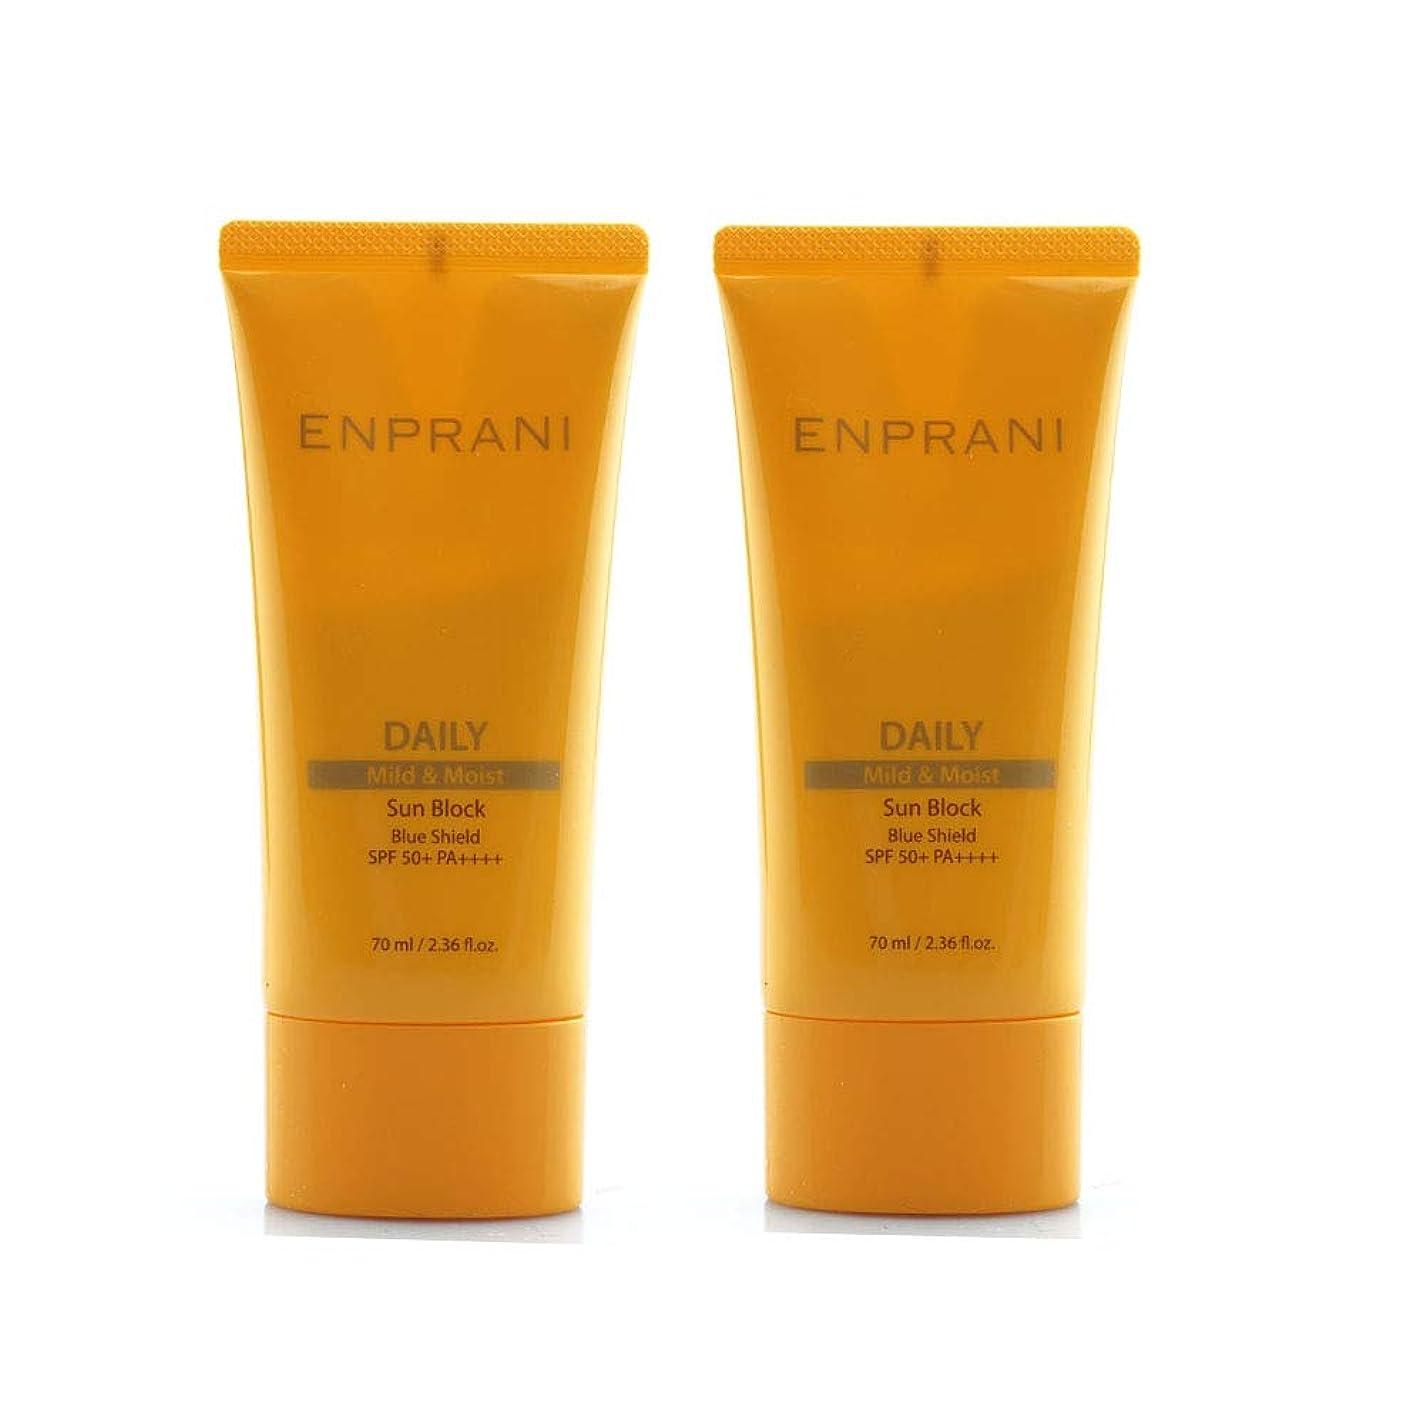 コンソールおもちゃカタログエンプラニデイリーサンブロックSPF50+/ PA++++ 70mlx2本セットサンクリーム、Enprani Daily Sun Block SPF50+ / PA++++ 70ml x 2ea Set Sun Cream [並行輸入品]